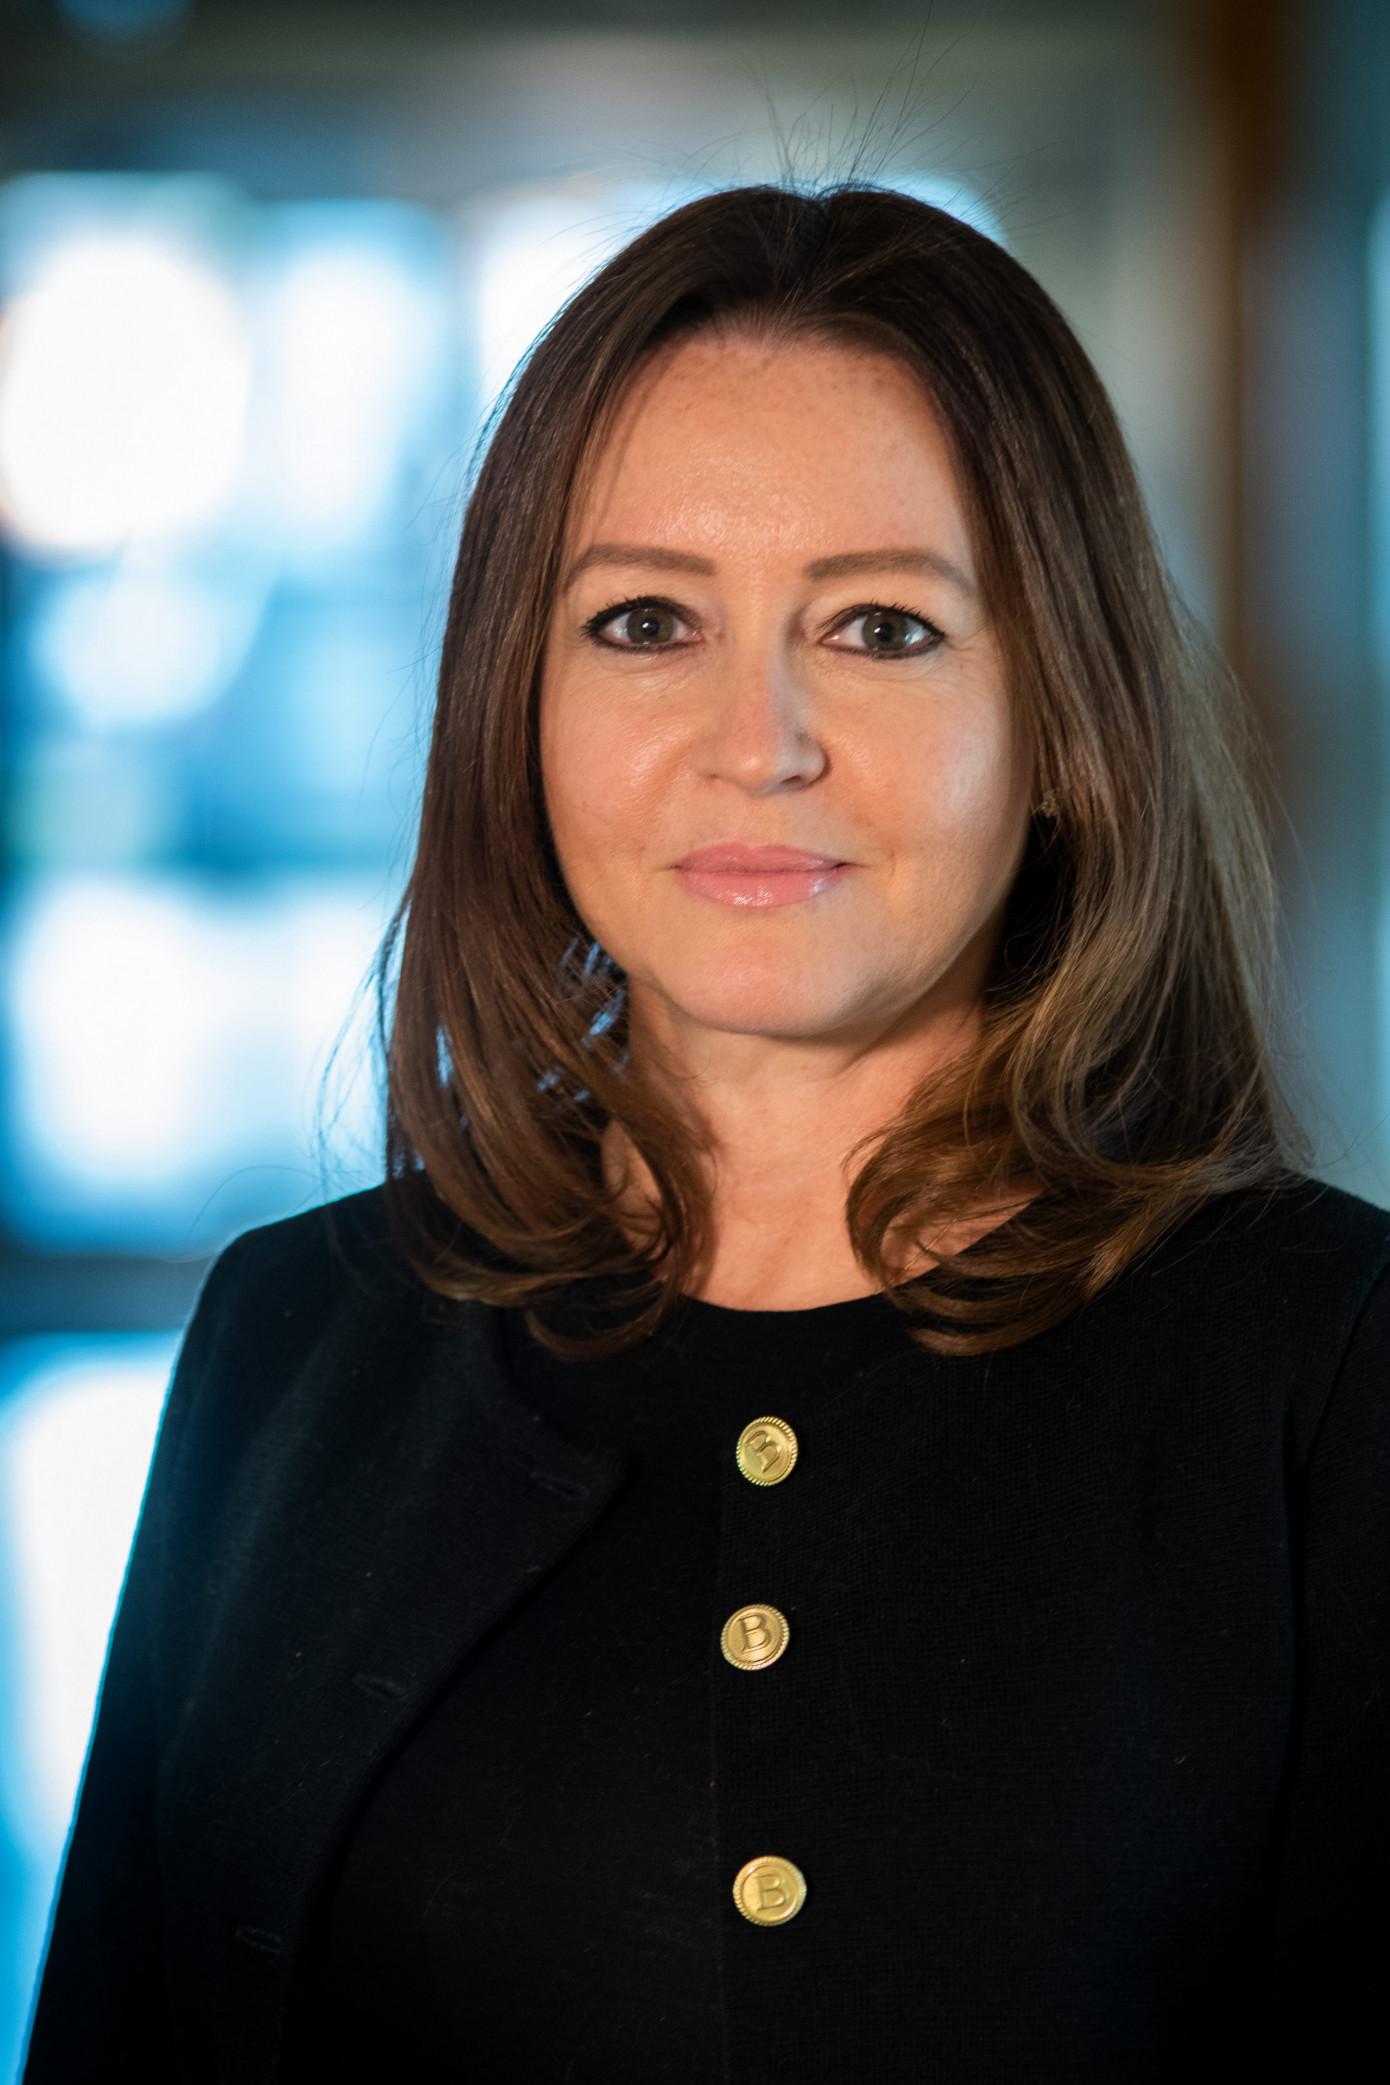 Главный юрисконсульт SCA Катарина Нильссон покинет компанию